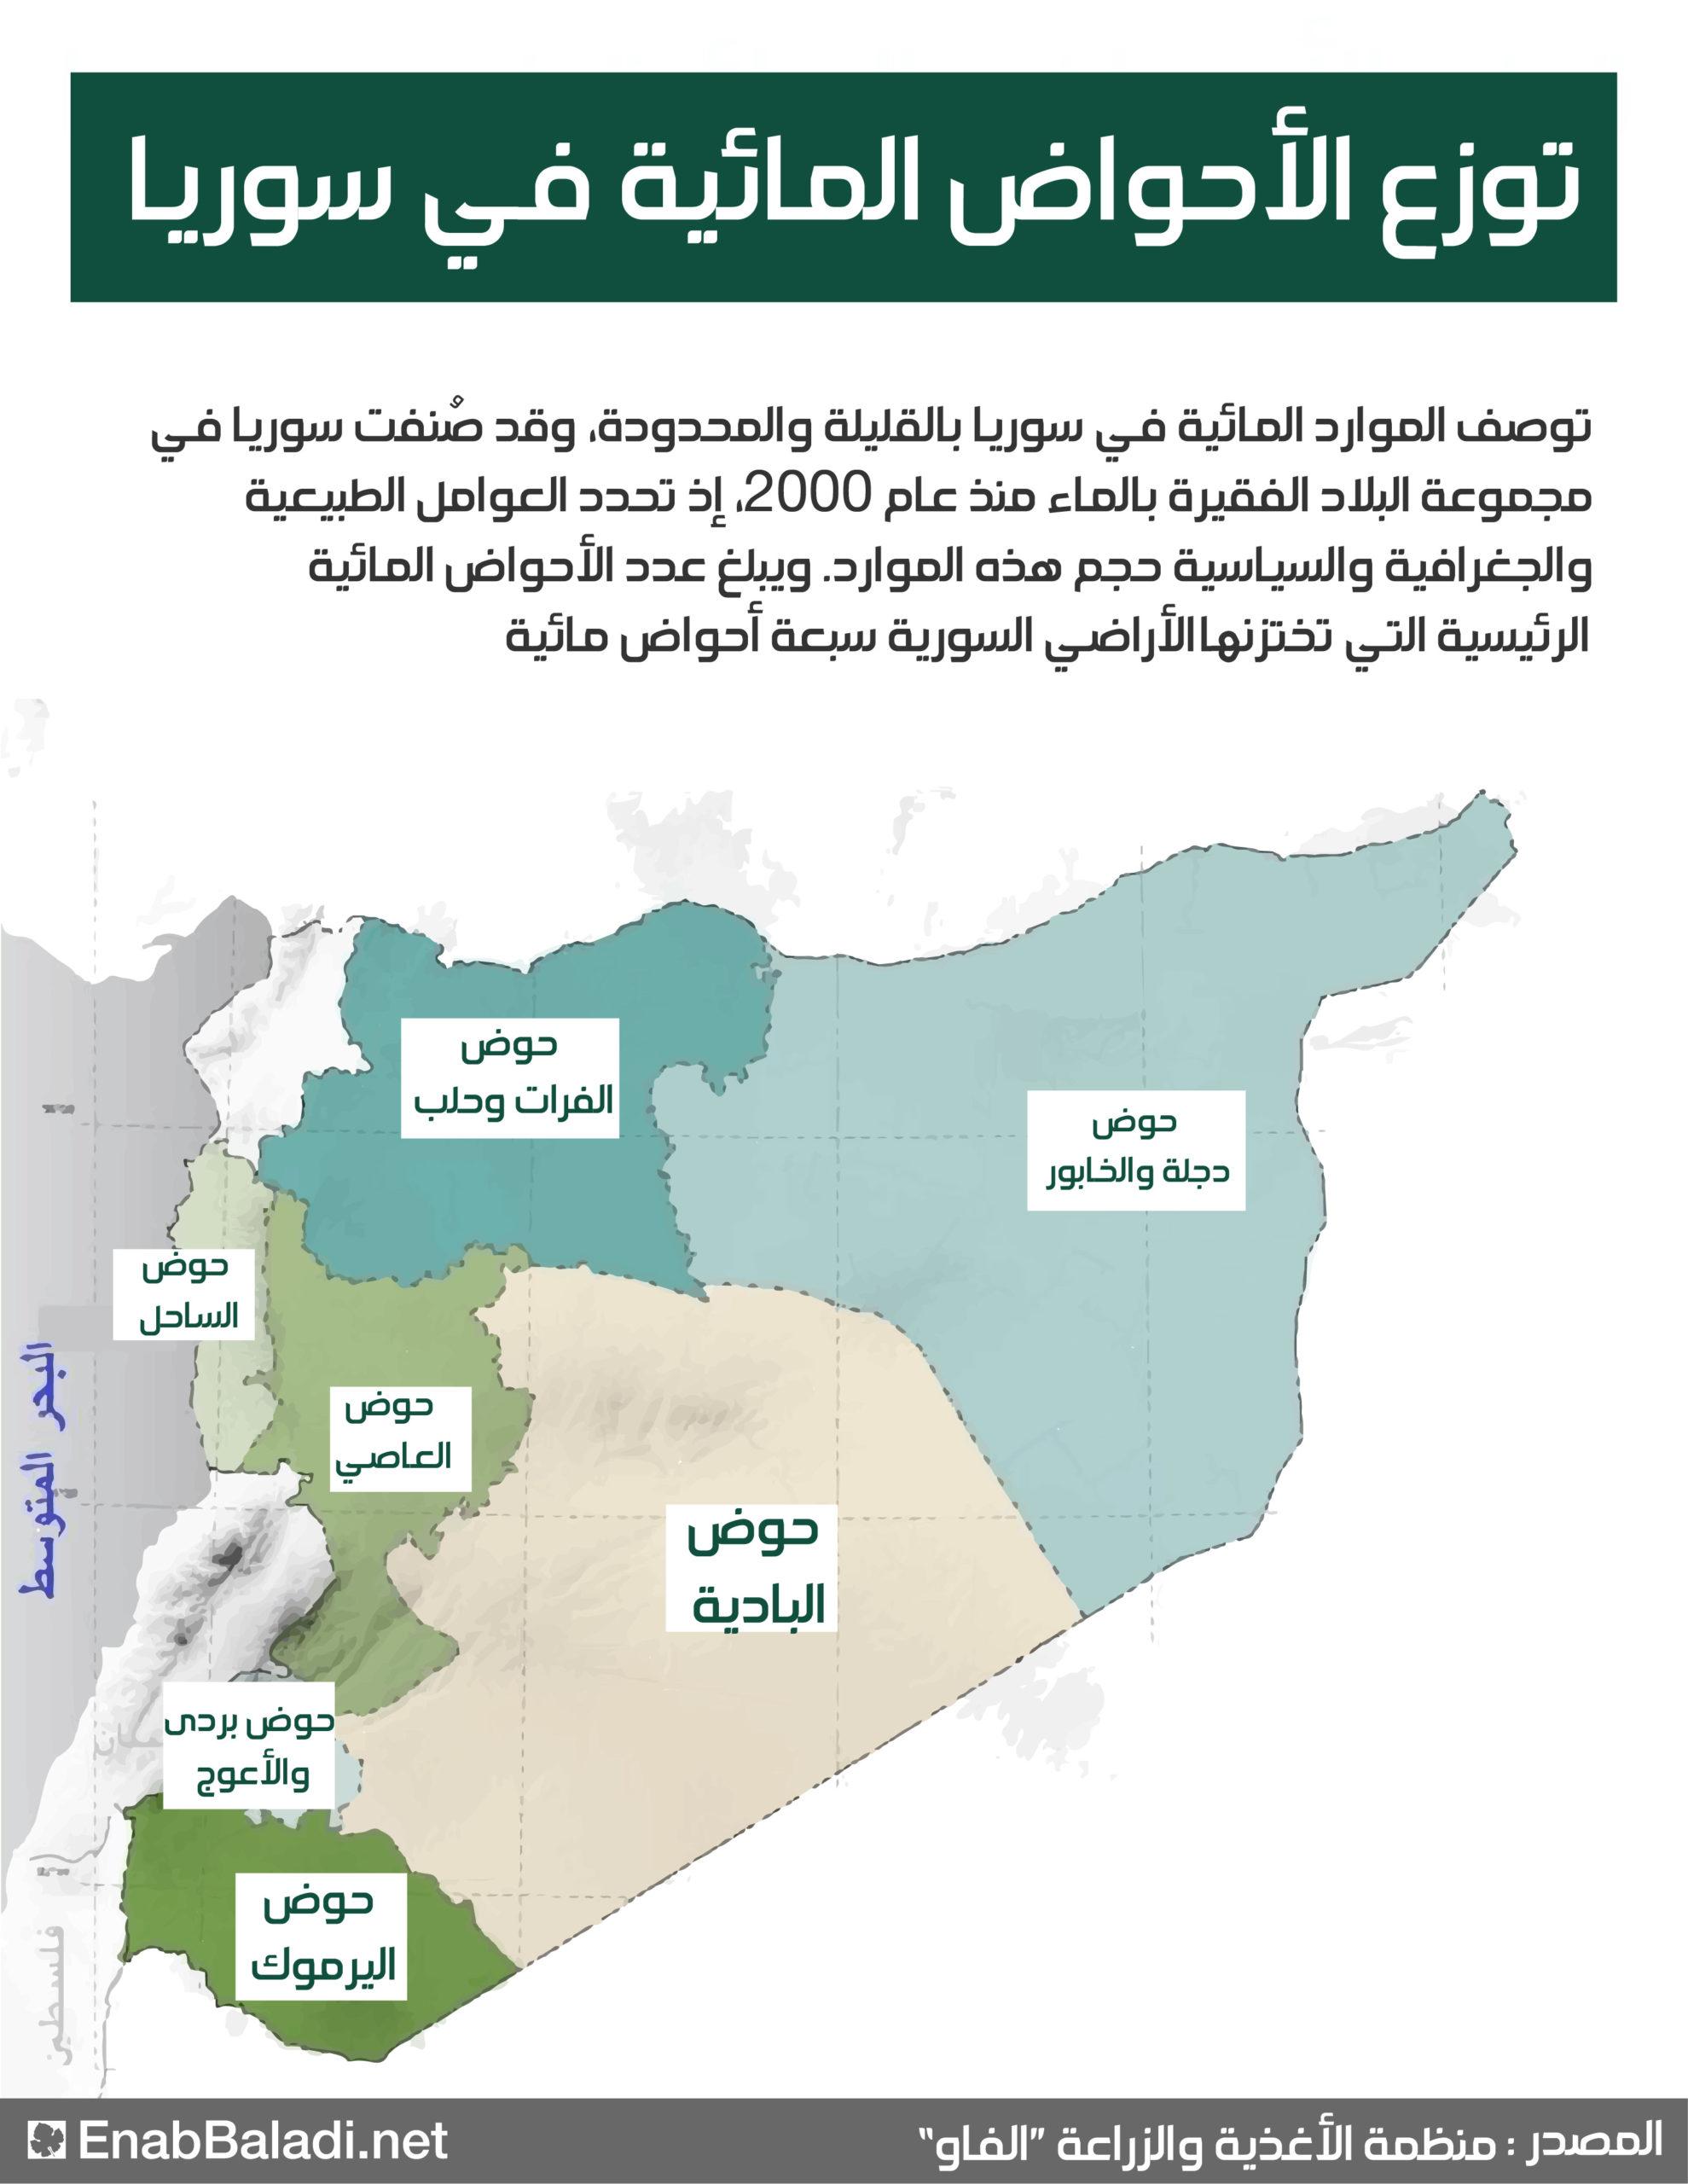 الأحواض المائية الرئيسية في سوريا